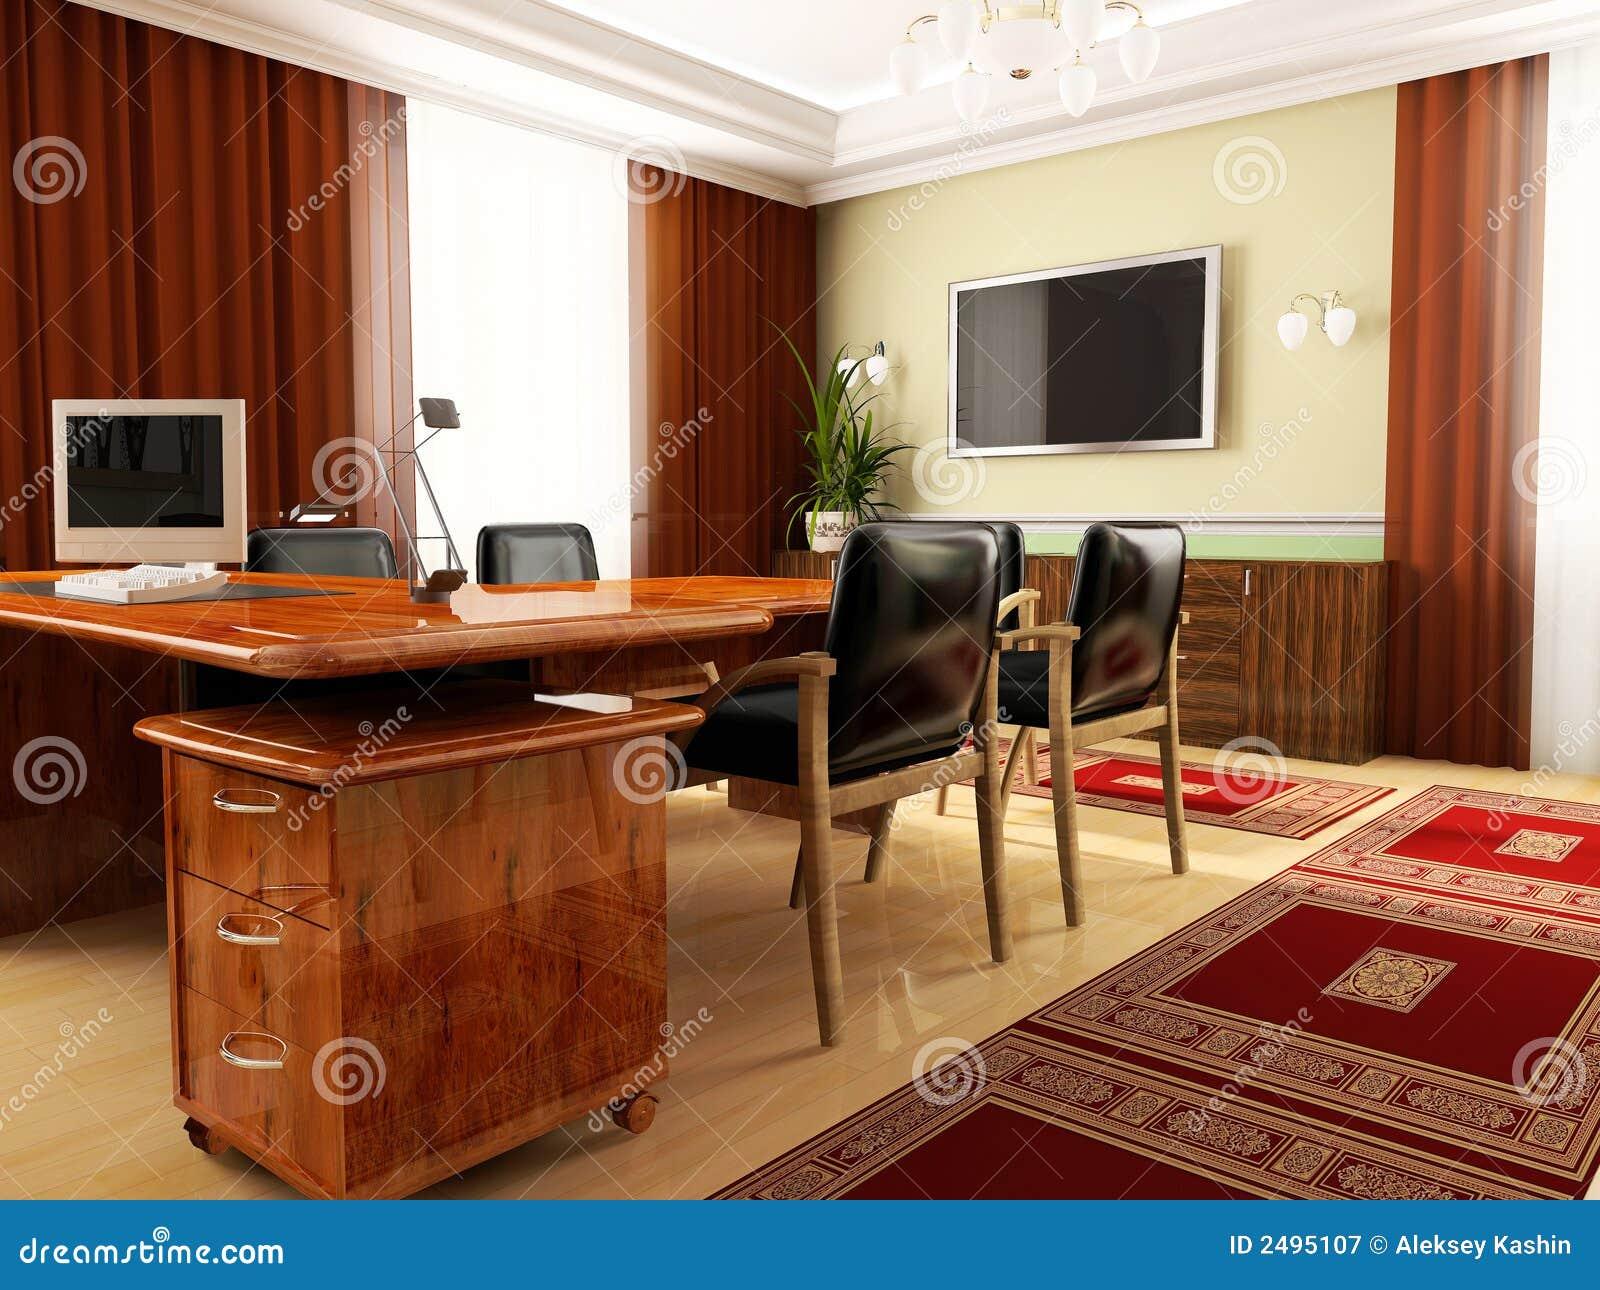 Bureau classique image stock. Image du manoir, durée, intérieur ...